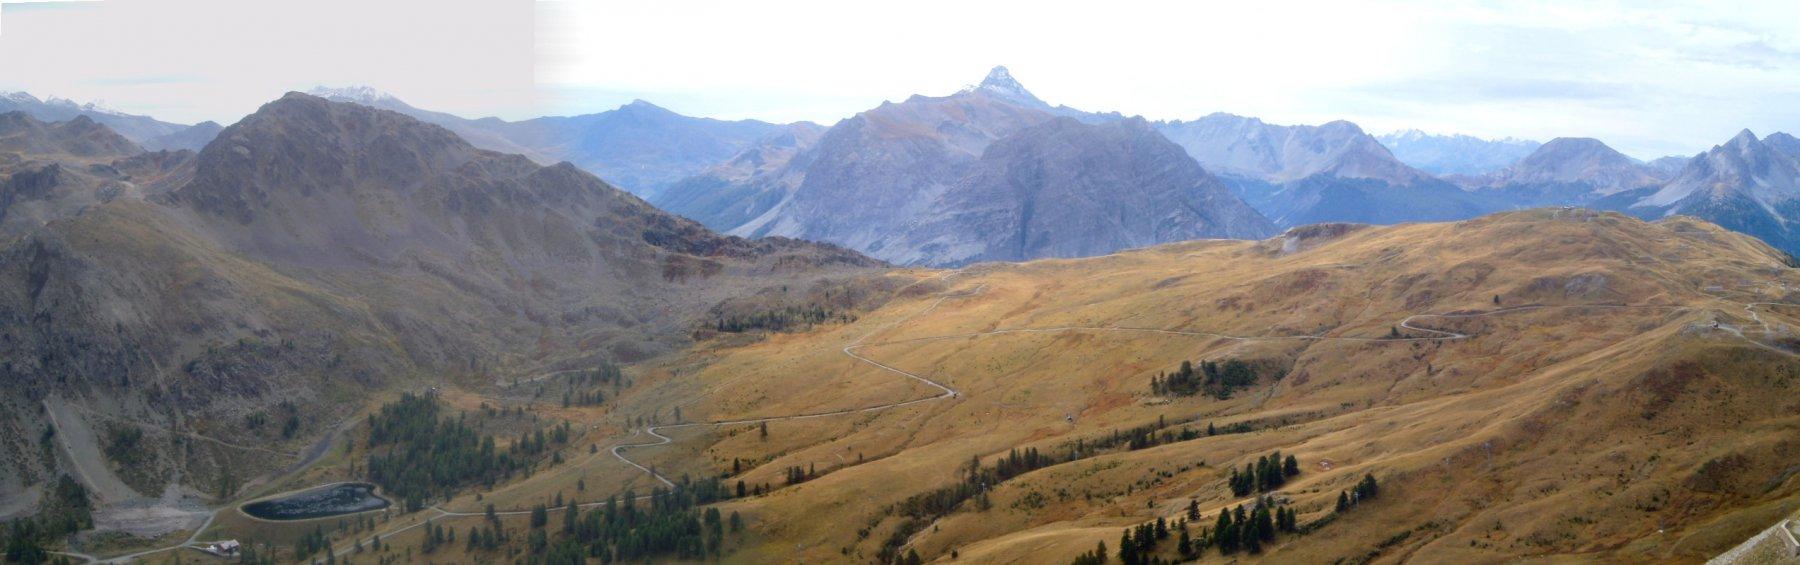 I campi da sci ed il Pic de Rochebrune.